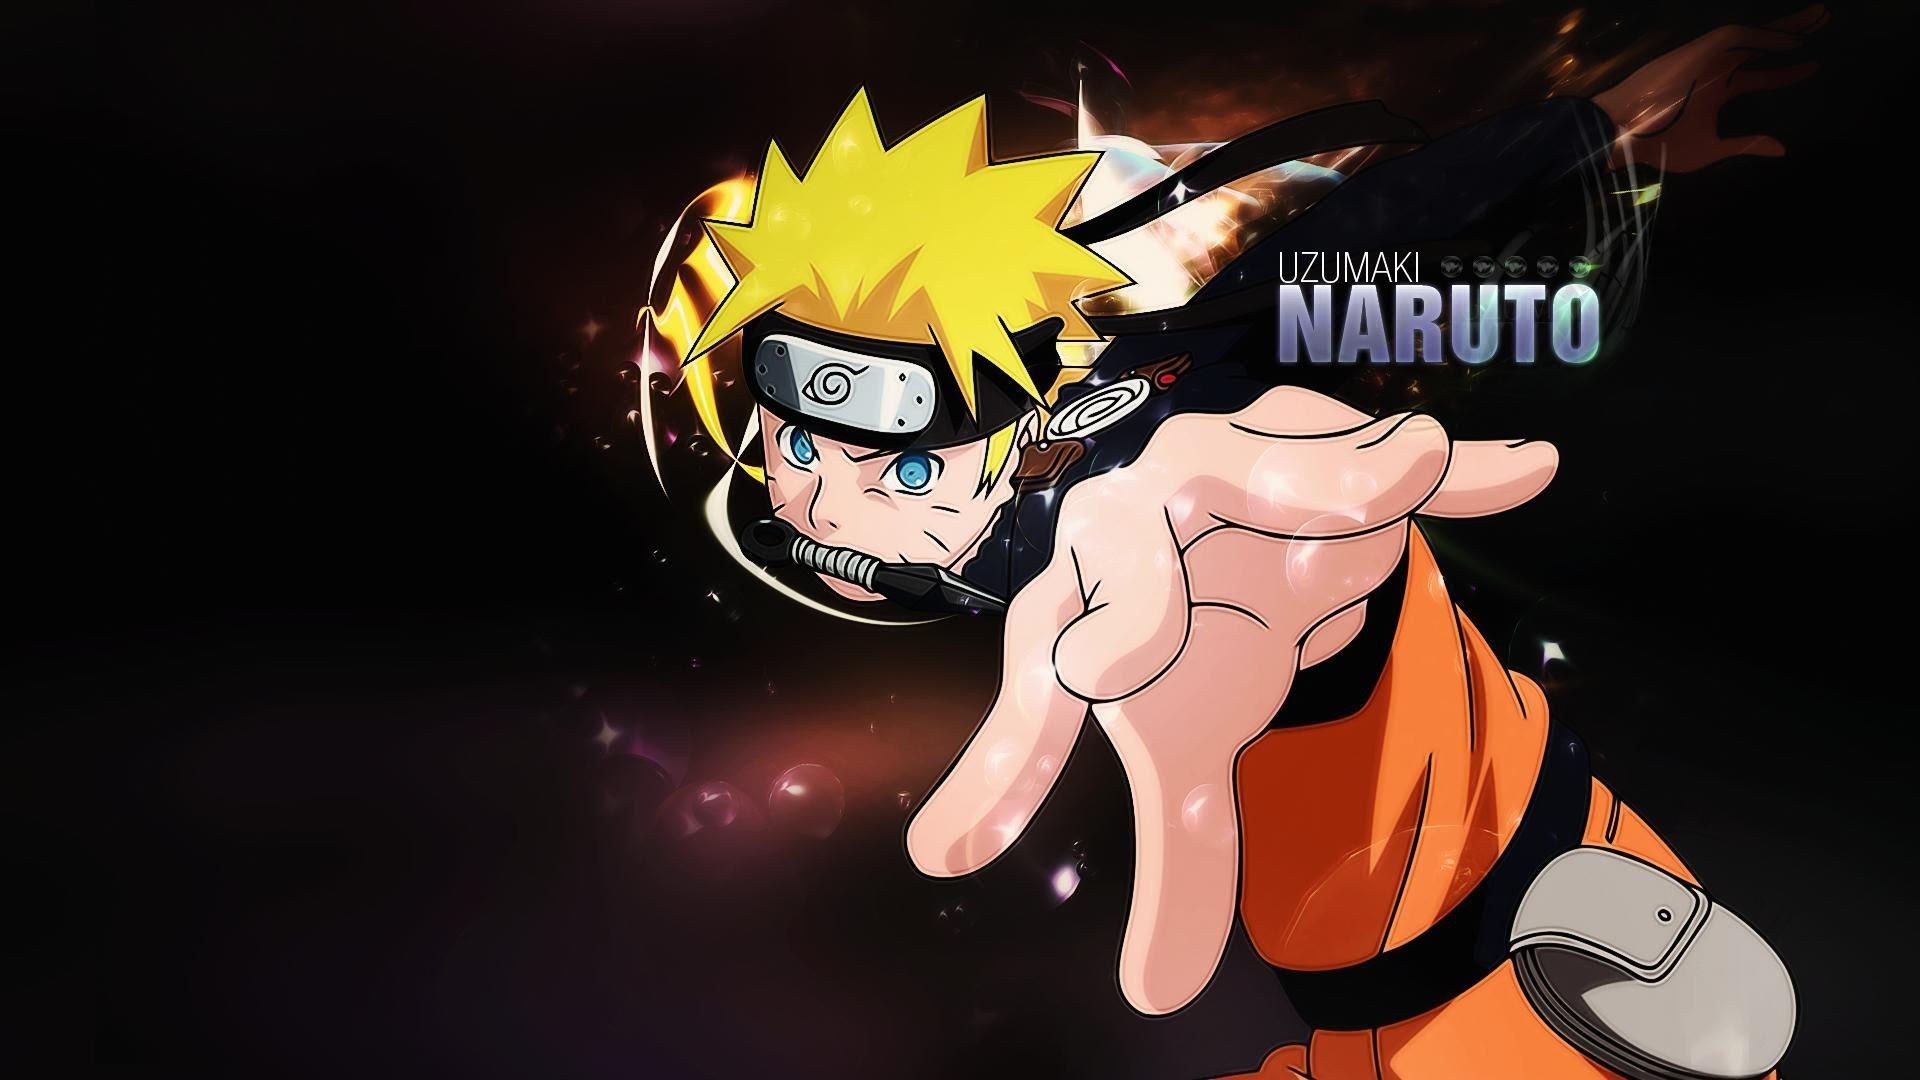 58+ Gambar Naruto Keren Terbaru 2018 Gratis